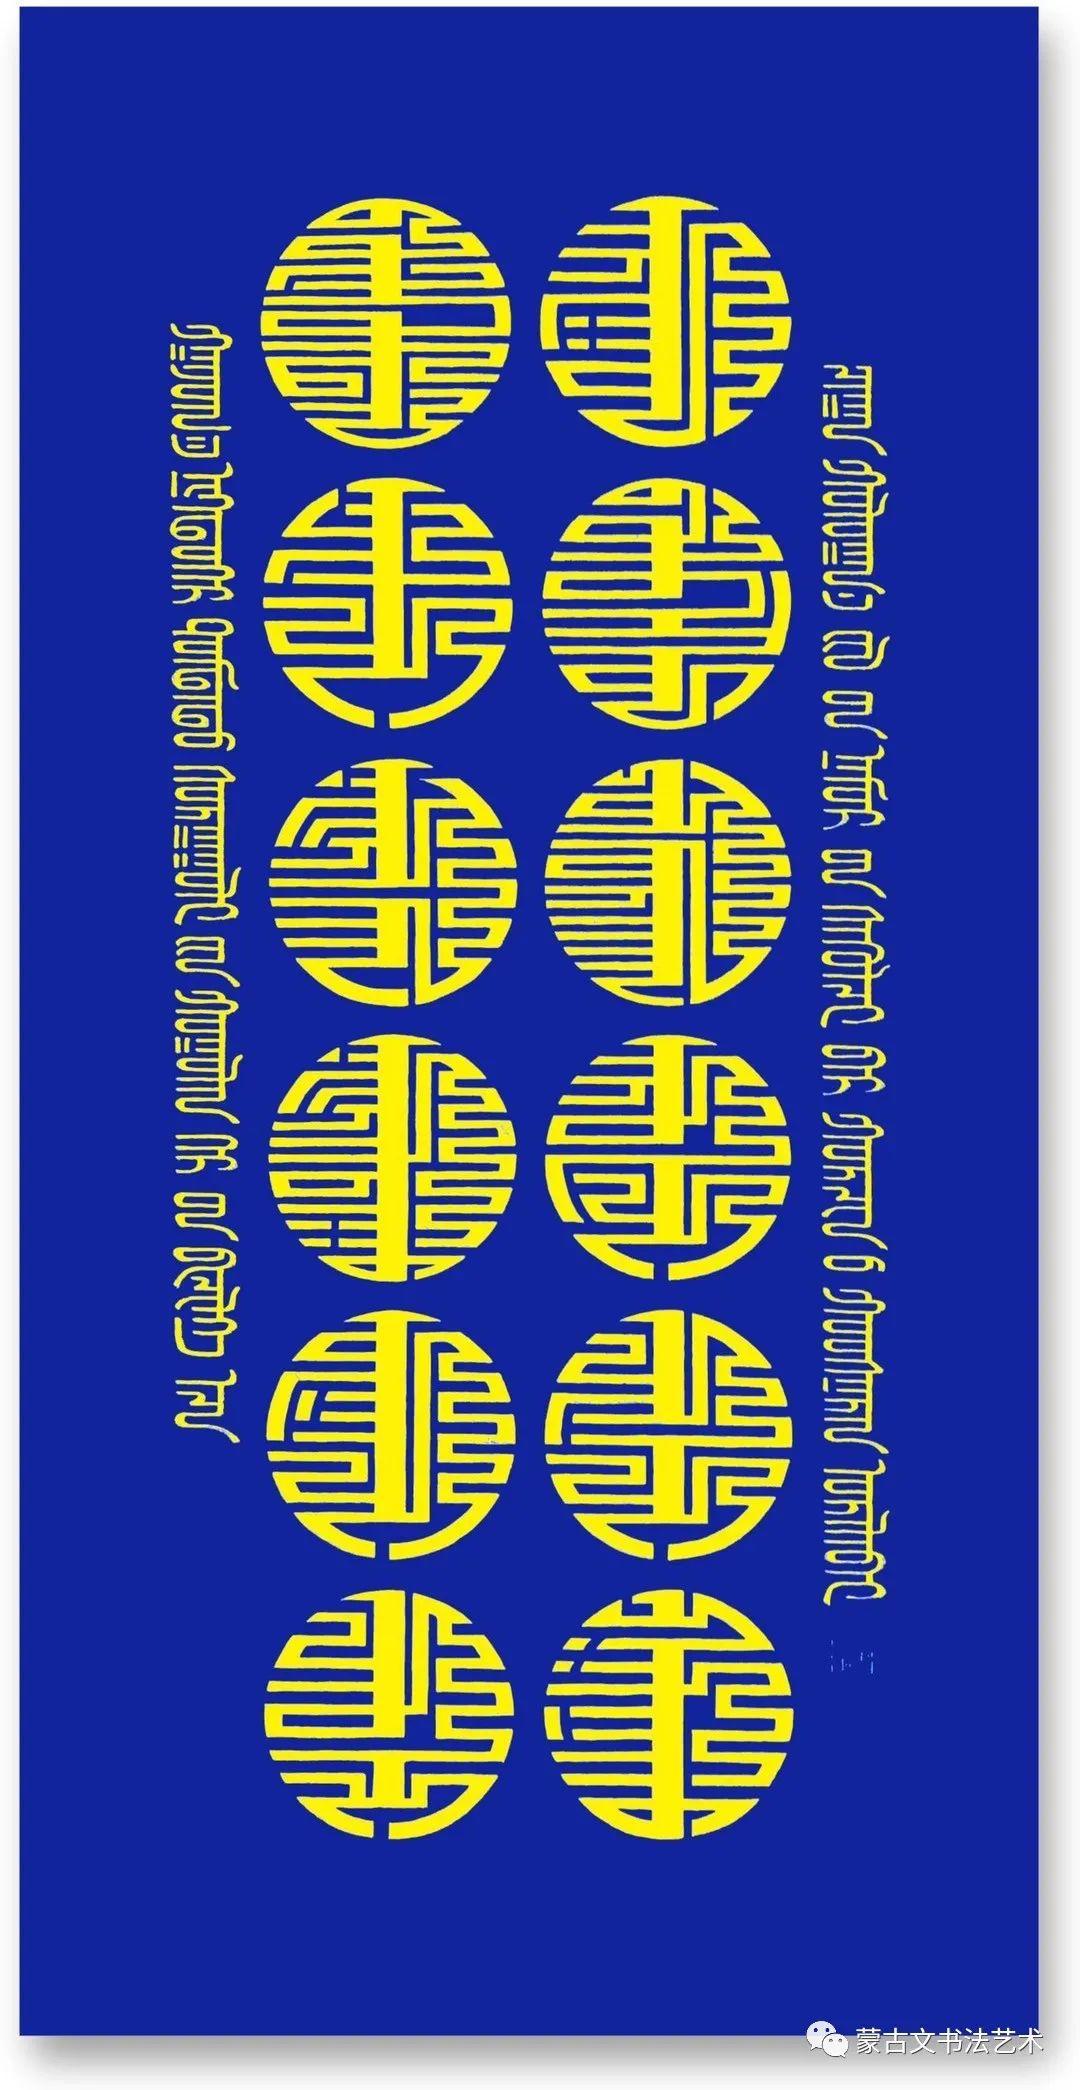 好斯那拉书法作品欣赏 第7张 好斯那拉书法作品欣赏 蒙古书法